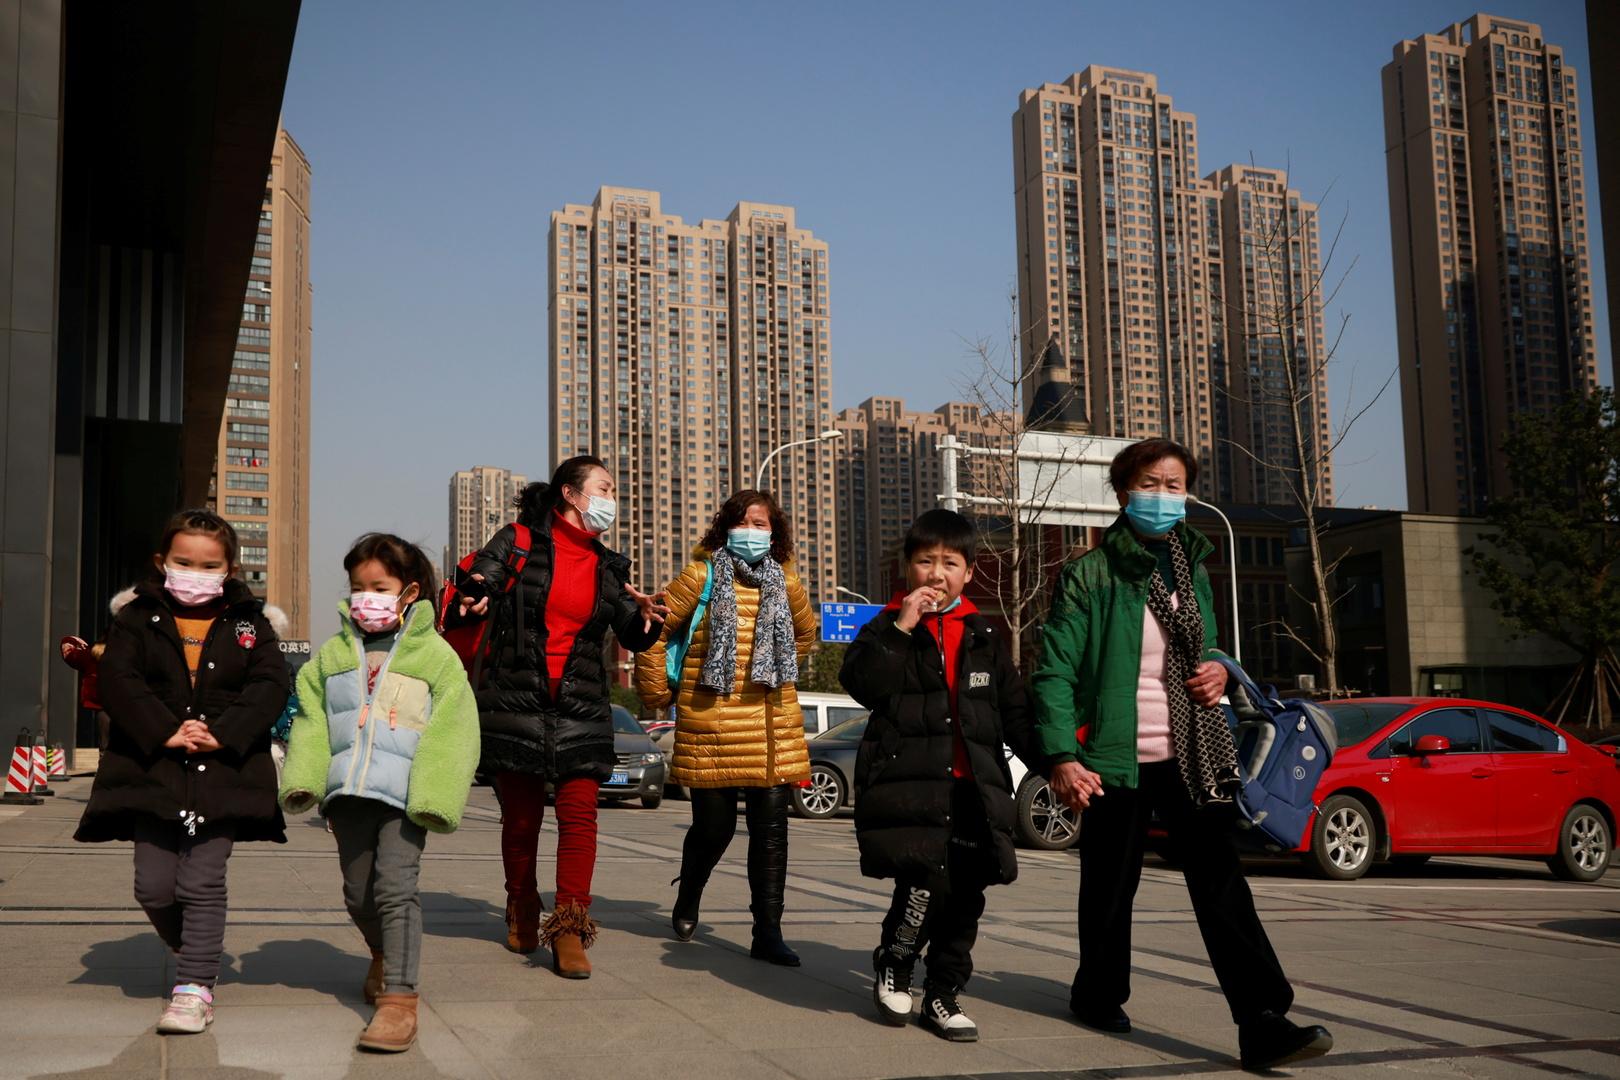 إقليم خابي الصيني الأكثر تضررا بالوباء يقرر تحقيق نمو اقتصادي يفوق 10% في هذا العام